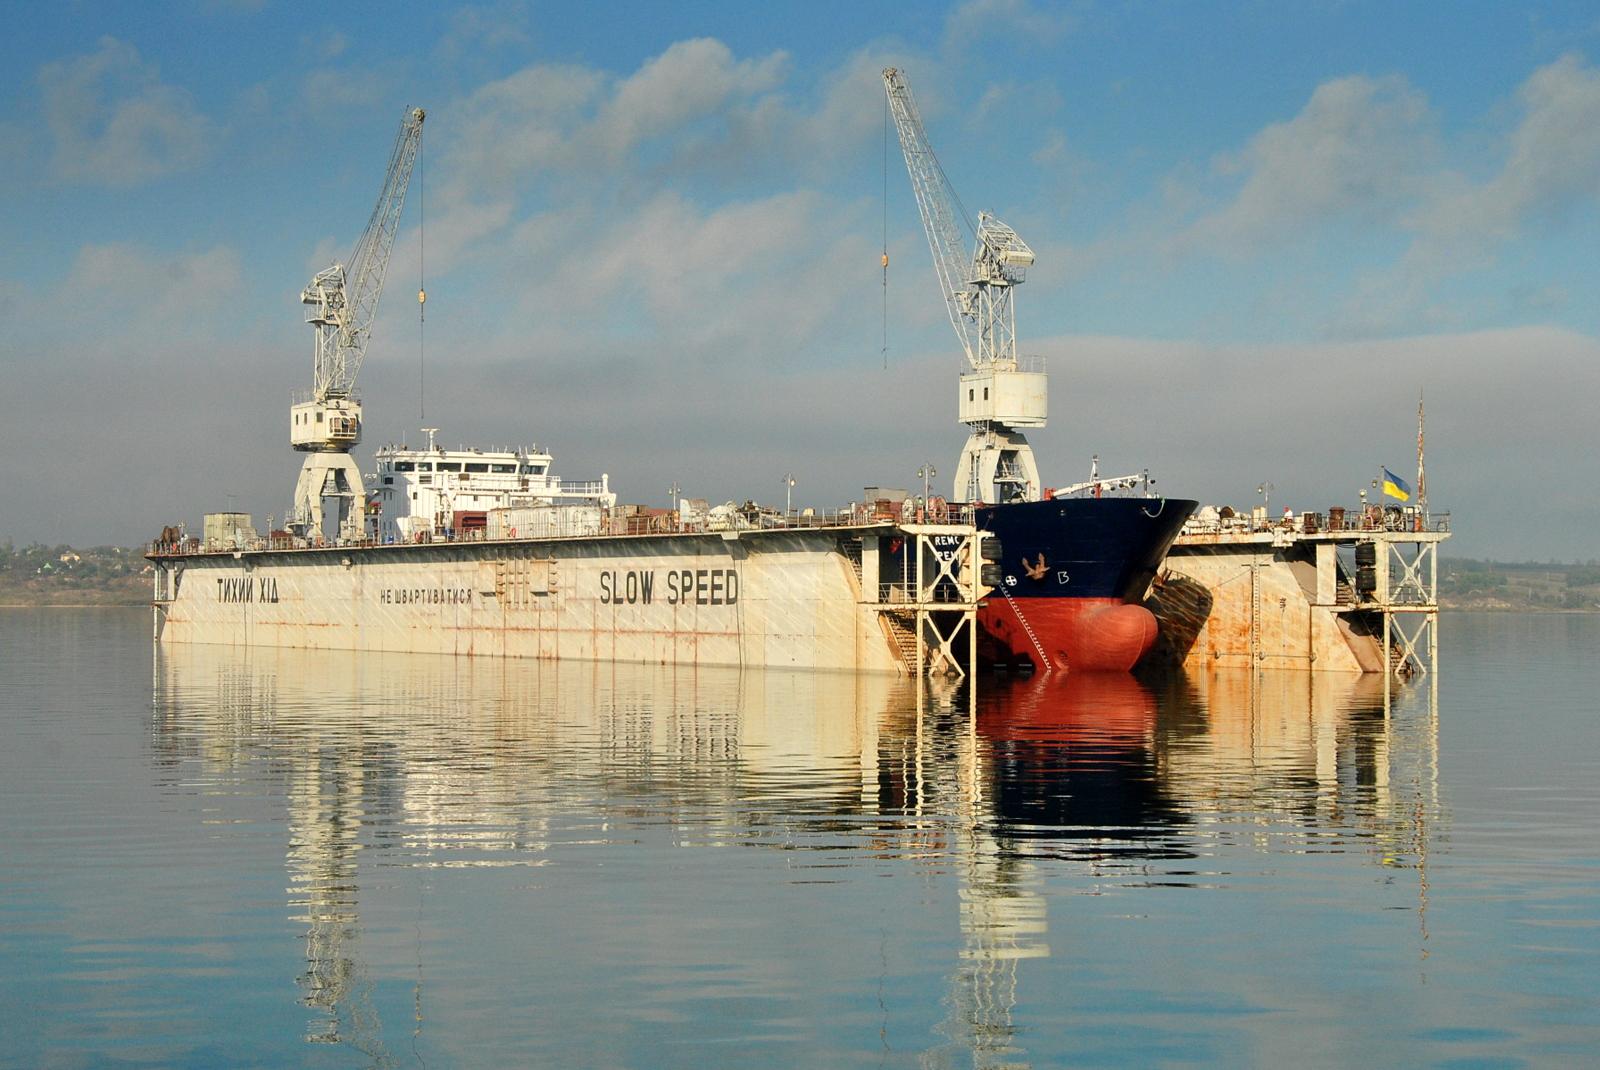 На заводе «Океан» модернизировали турецкое судно и удлинили его на 24 метра